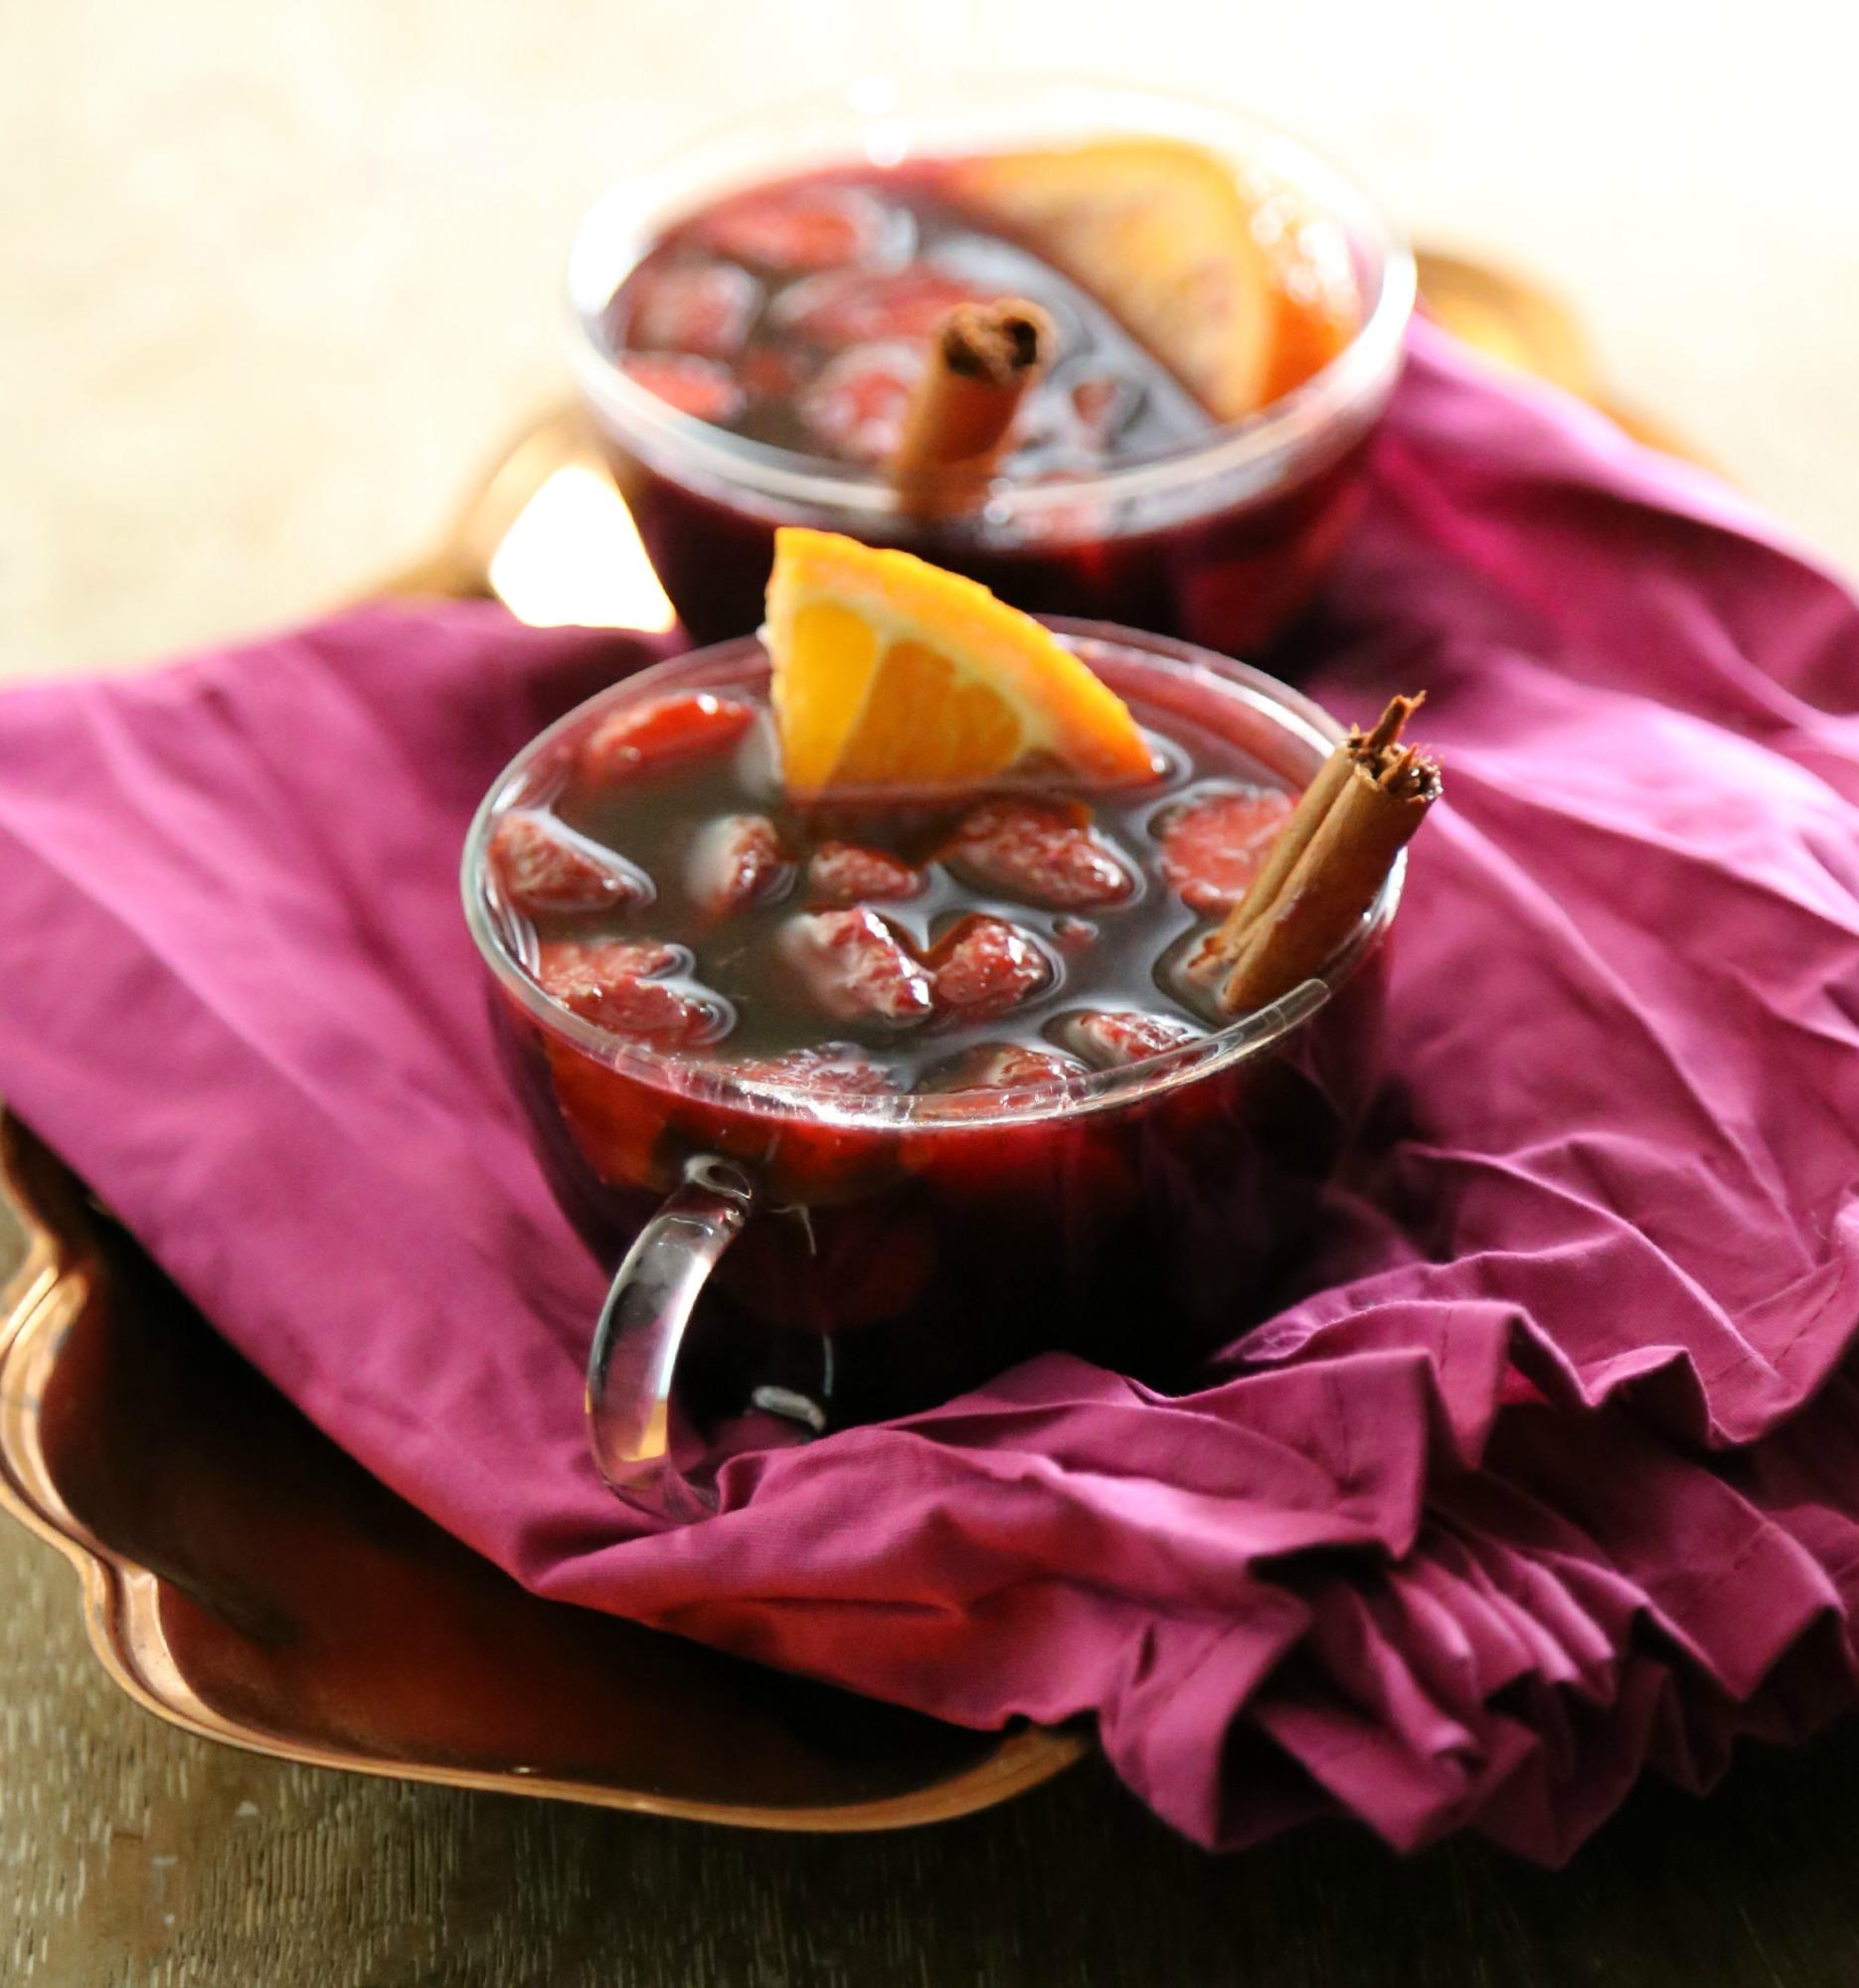 sangria-red-wine-VianneyRodriguez-sweetlifebake